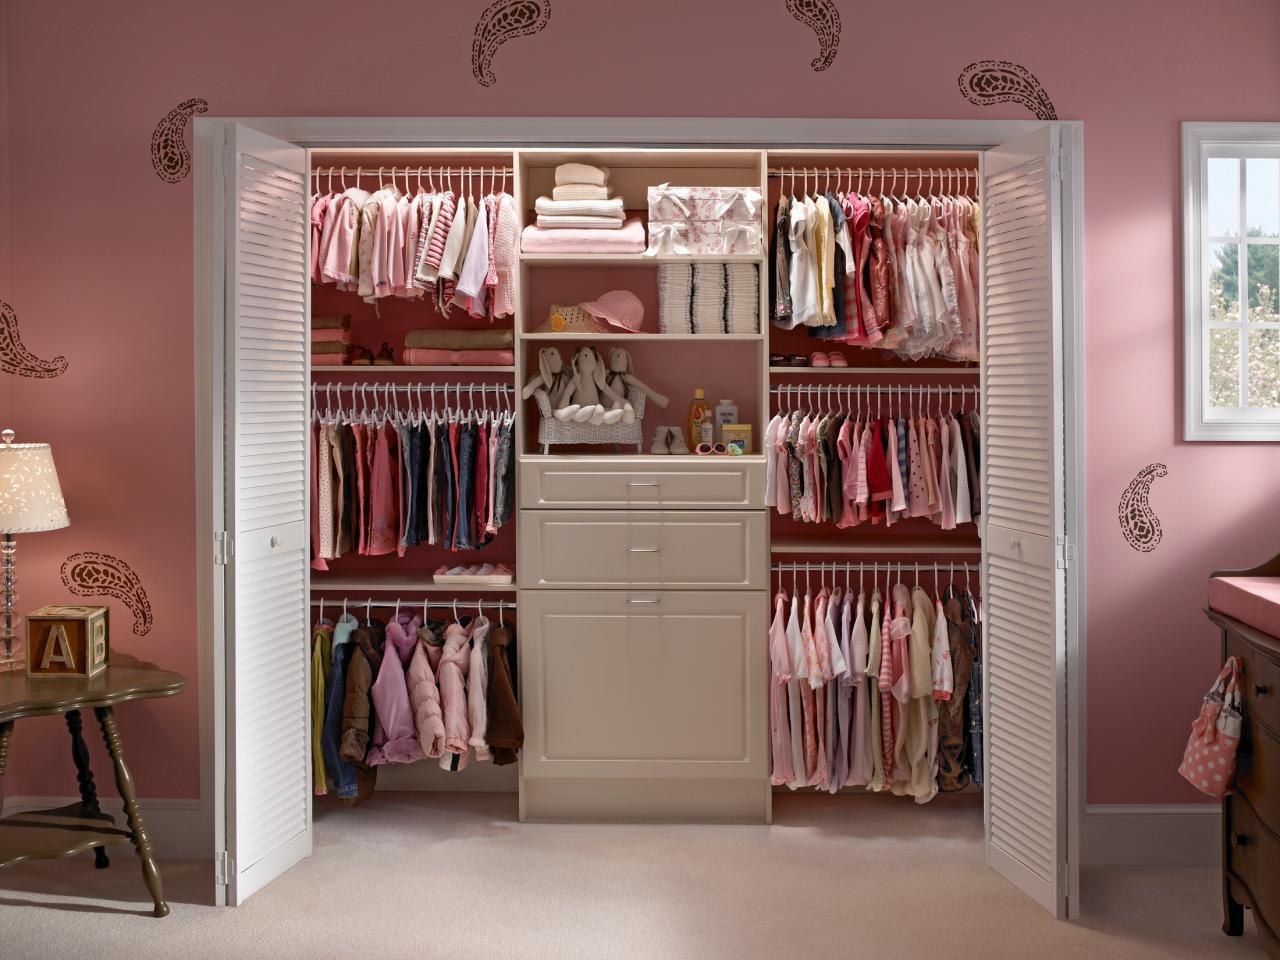 closet ideas bi-fold doors offer full access WPJFCDS